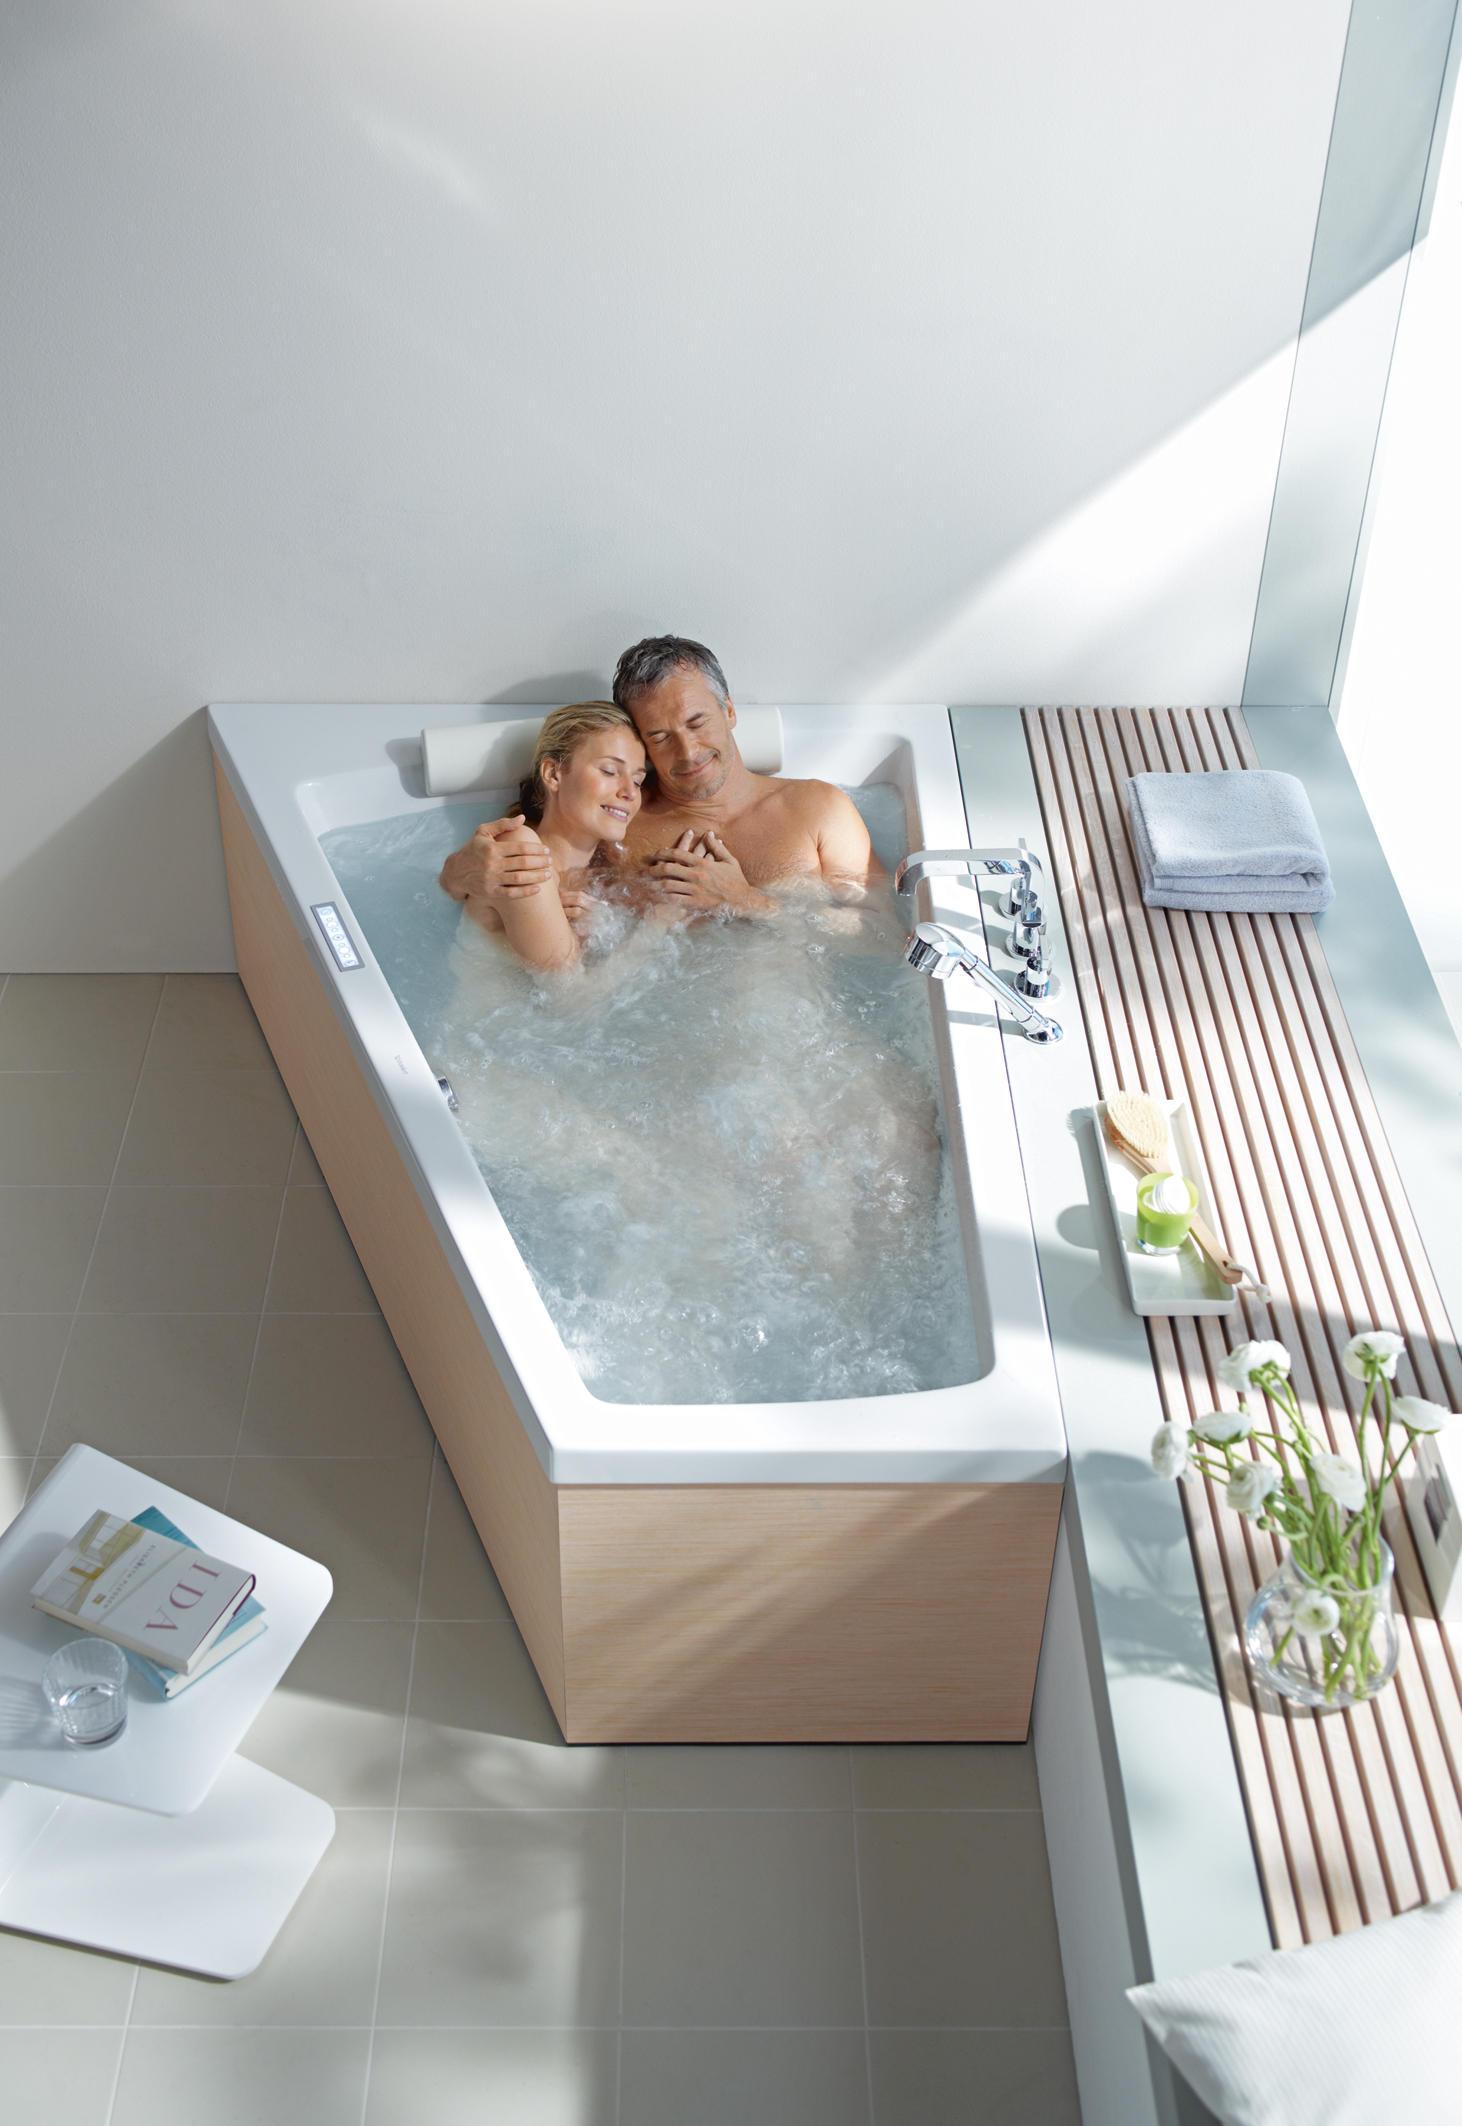 Paiova vasca da bagno vasche duravit architonic - Vasca da bagno duravit ...